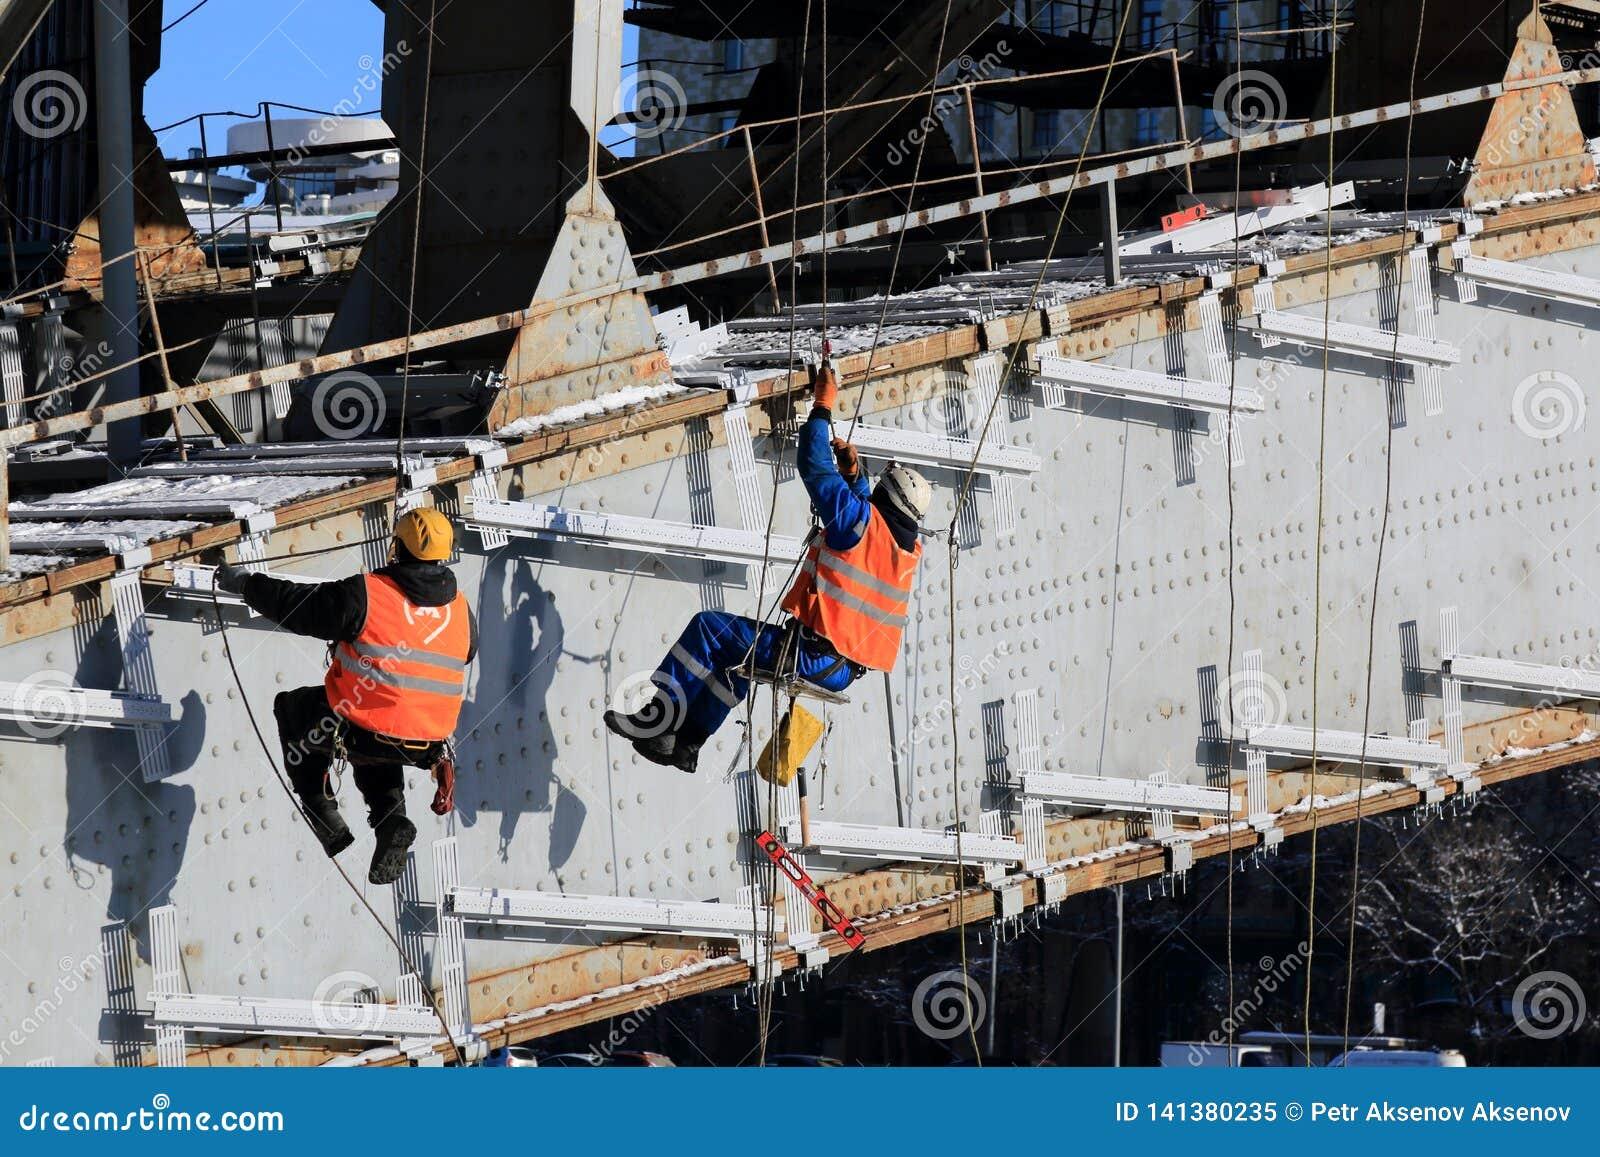 Moscou, Rússia - 14 de fevereiro de 2019: Os trabalhadores executam o trabalho no inverno no tempo frio